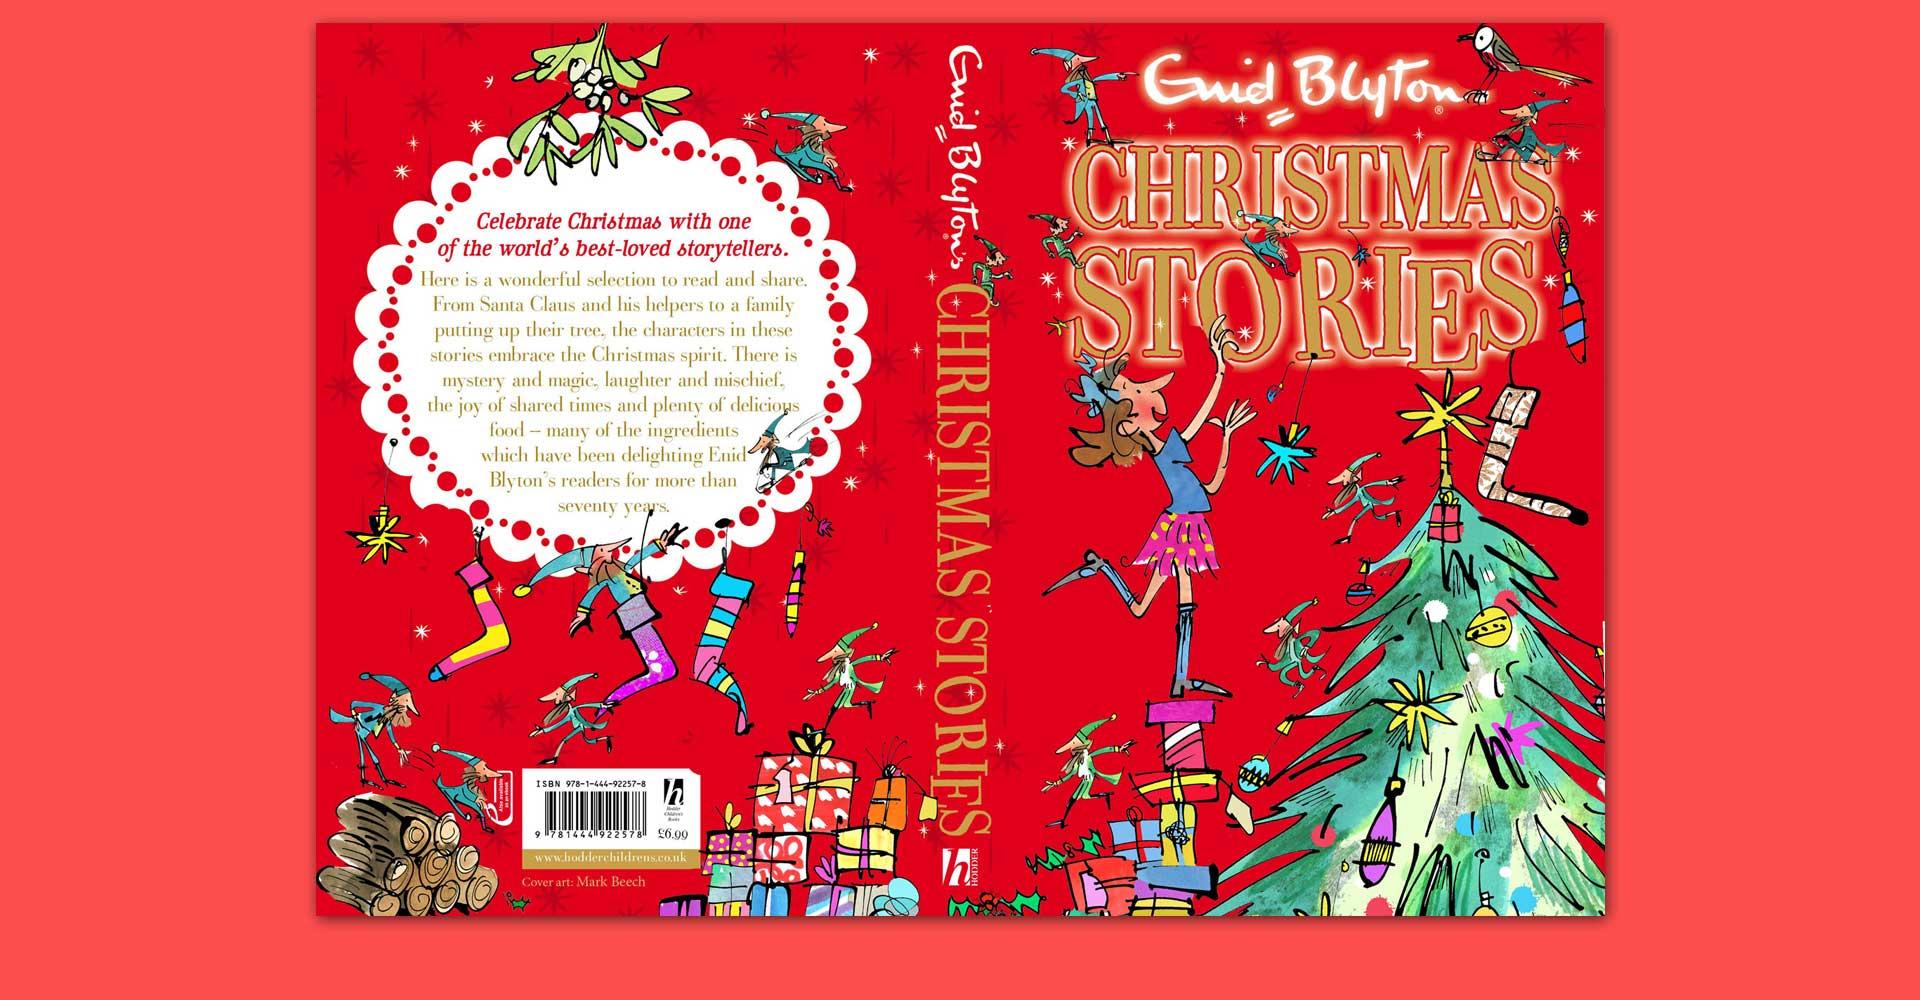 Mark Beech – Christmas Stories